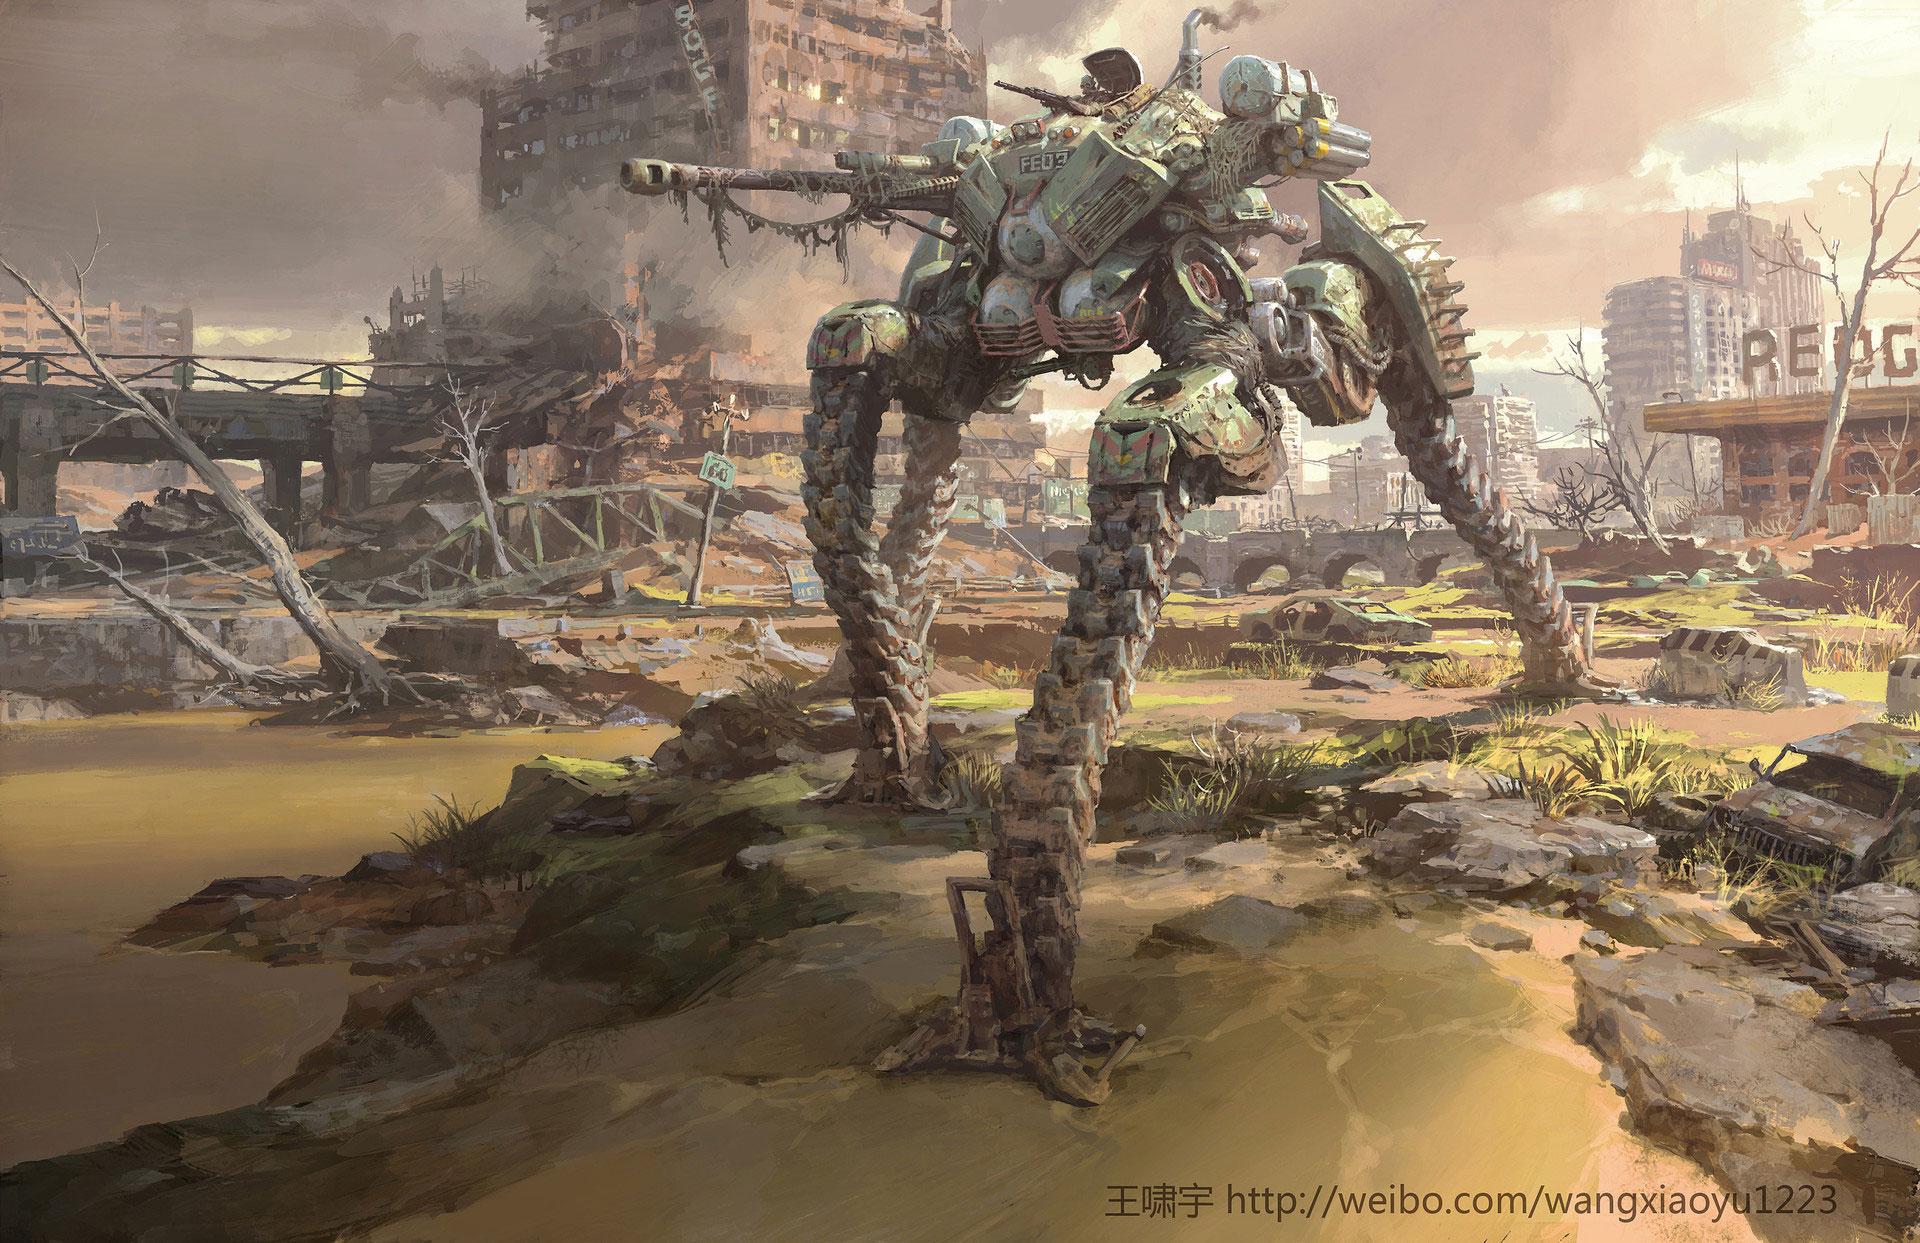 The Glorious Sci-Fi & Fantasy Art of Xiaoyu Wang